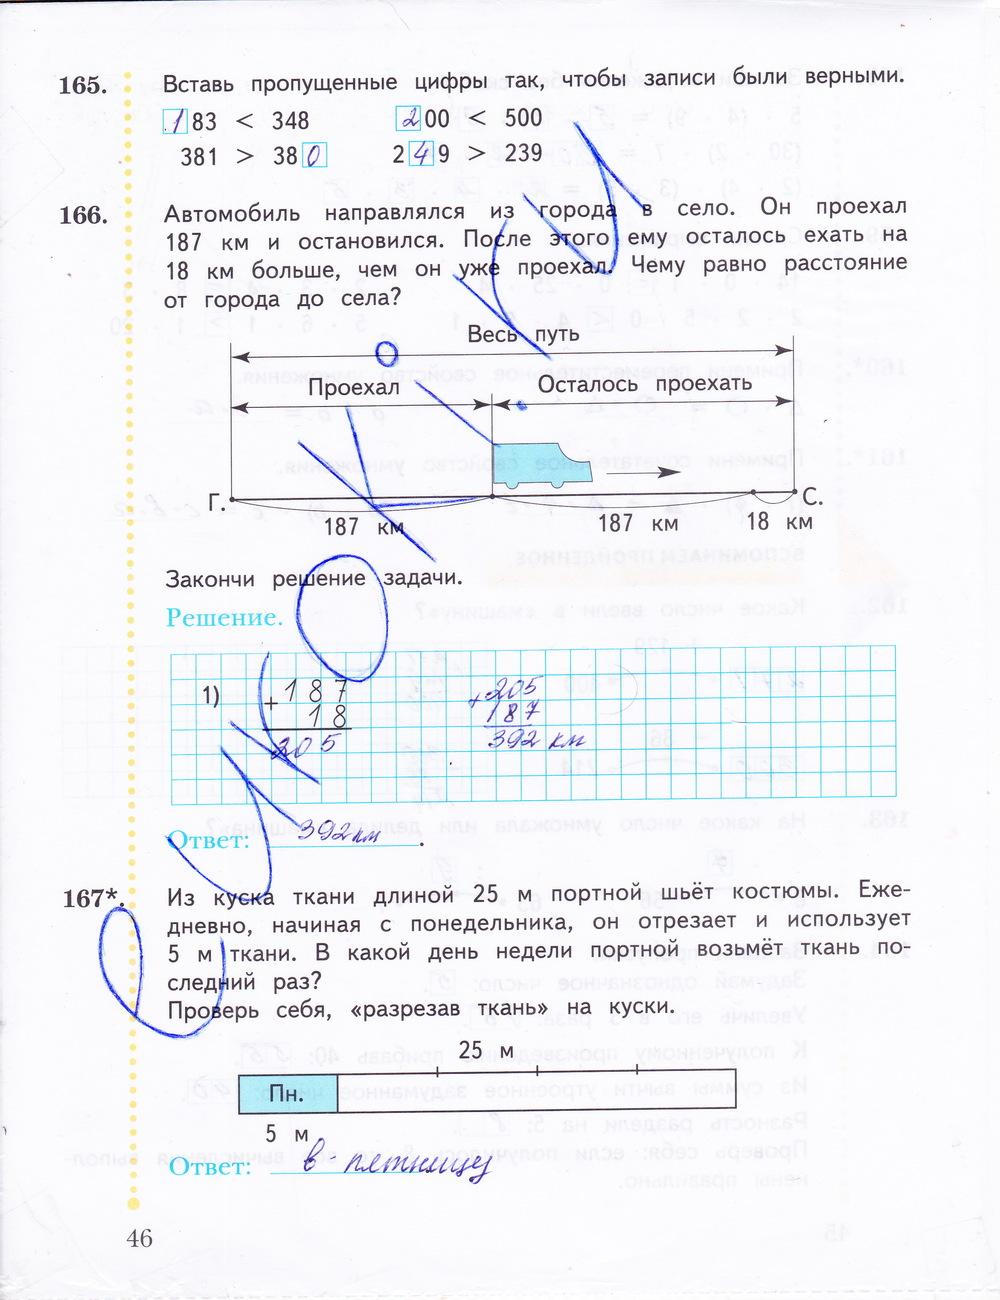 Гдз по рабочей тетради по математике 1 часть 4 класс рудницкая юдачева